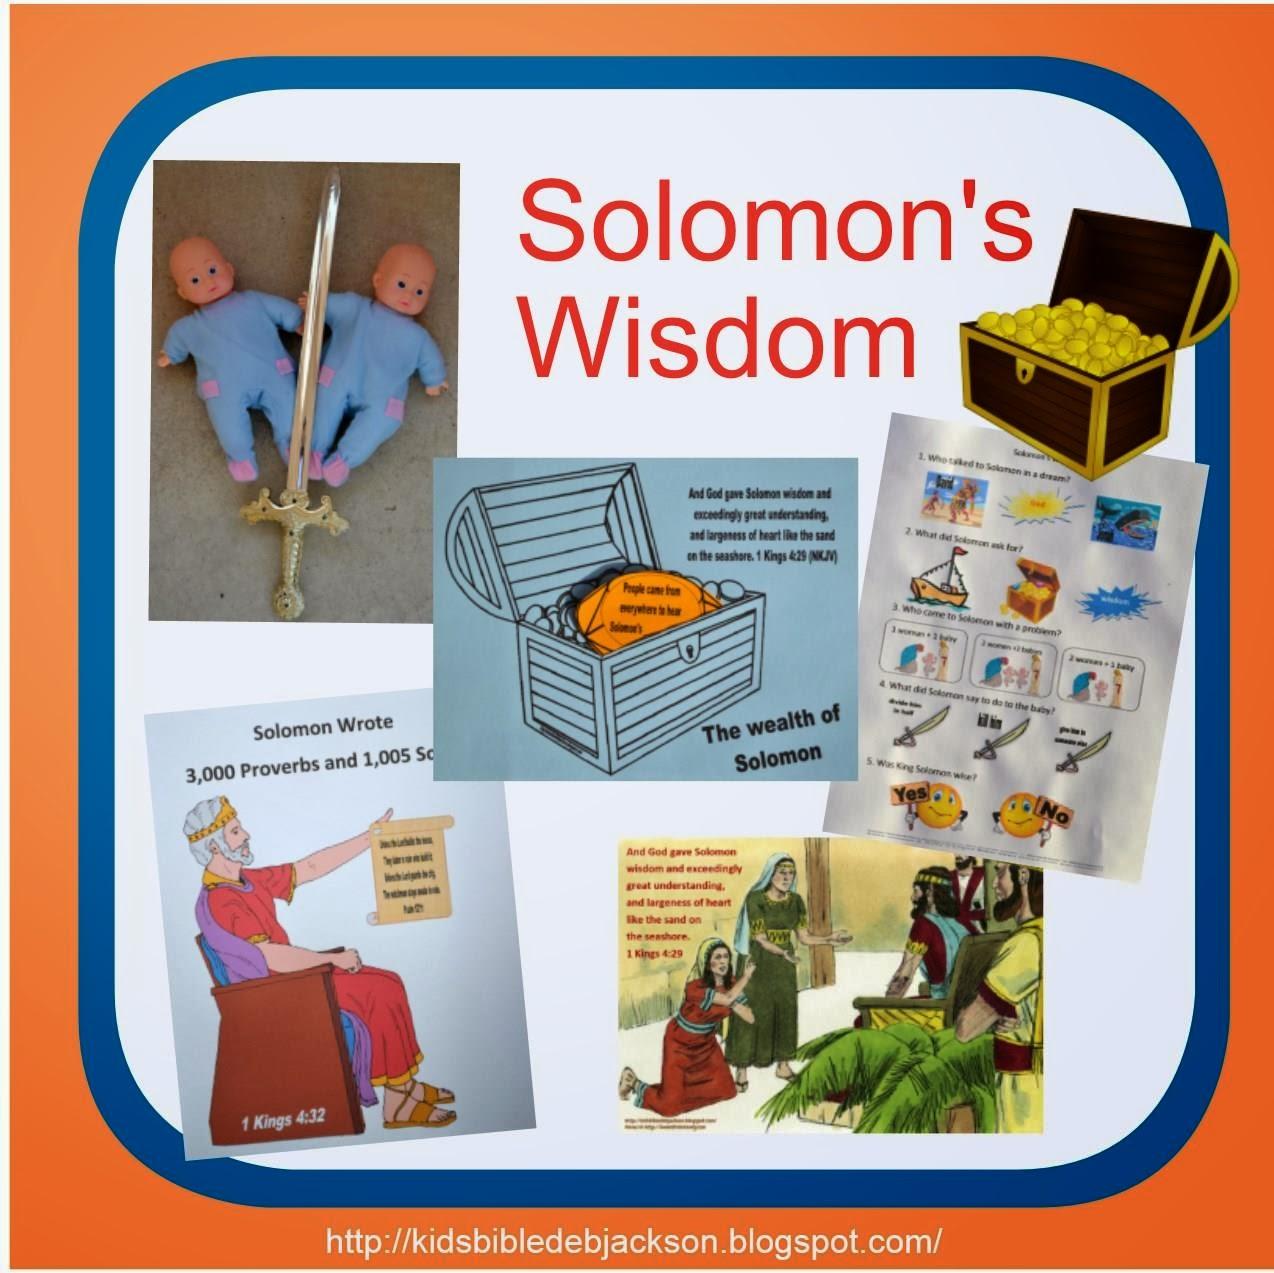 http://kidsbibledebjackson.blogspot.com/2014/02/solomons-wisdom.html